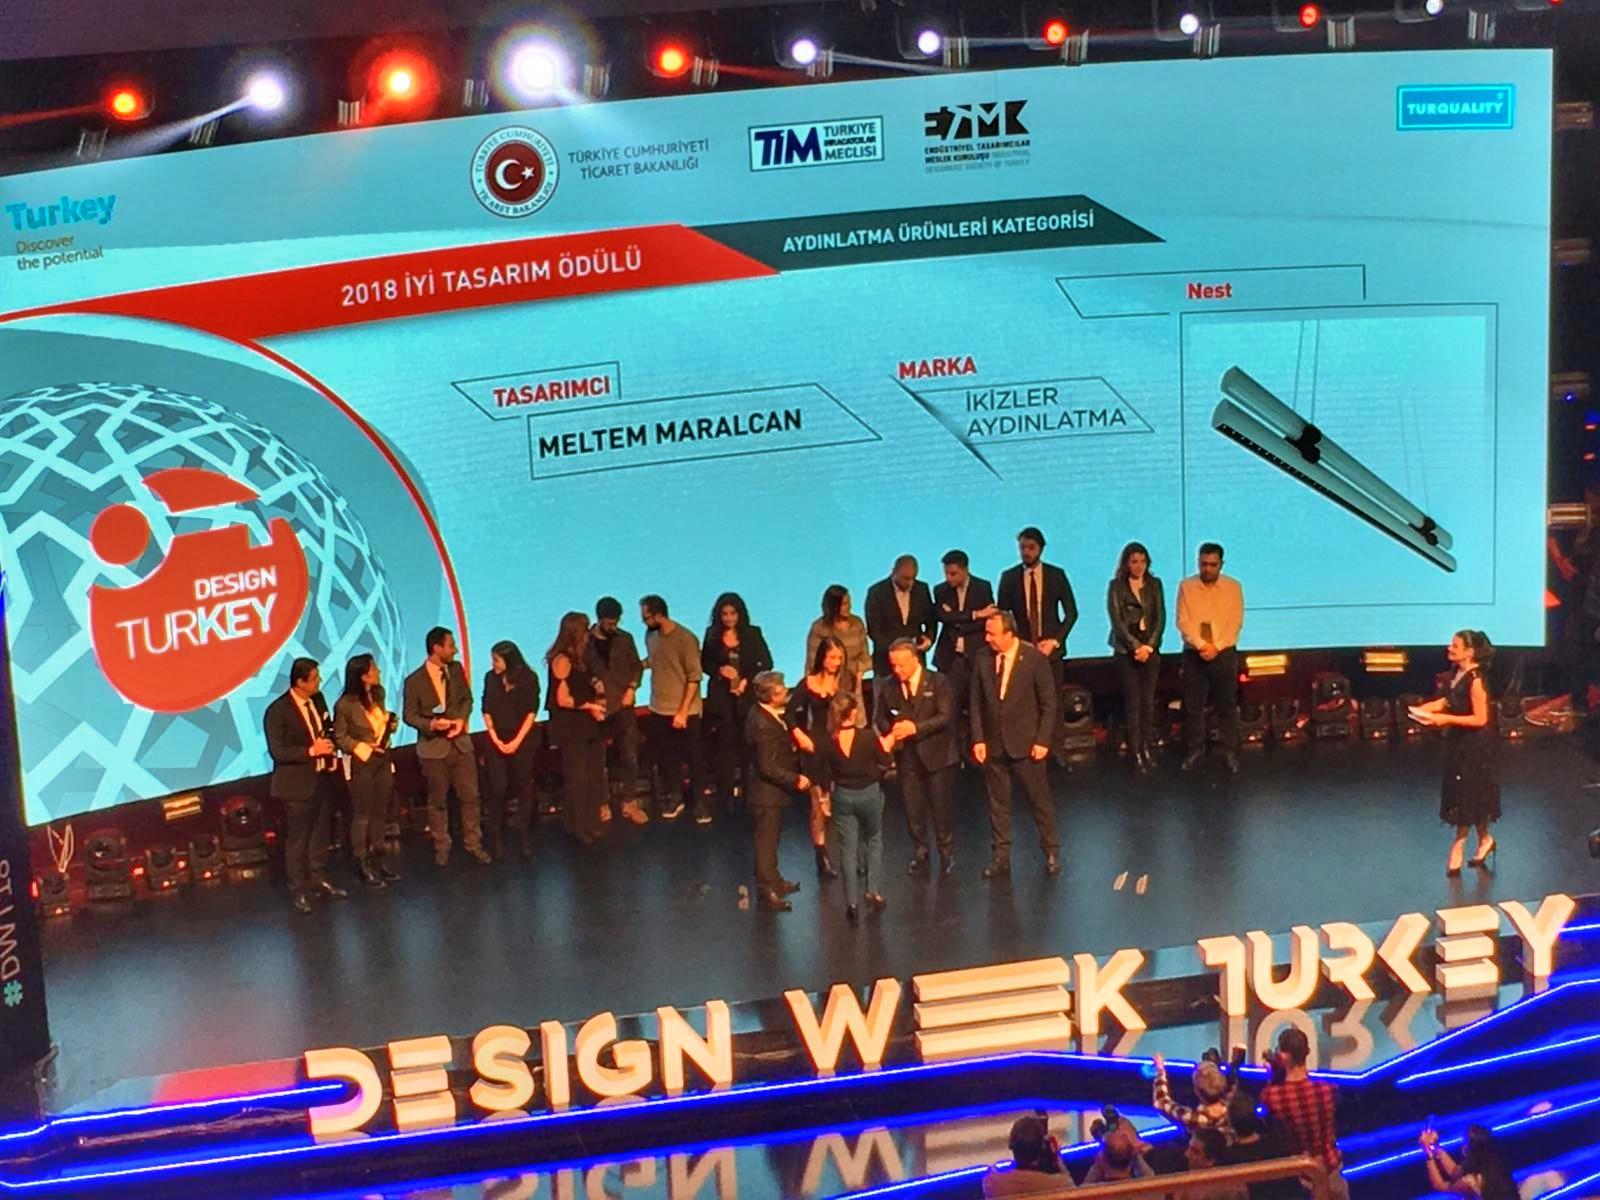 endustri-urunleri-tasarimi-ogretim-gorevlimiz-meltem-maralcan-design-week-turkeyde-iyi-tasarim-odulunu-aldi-9